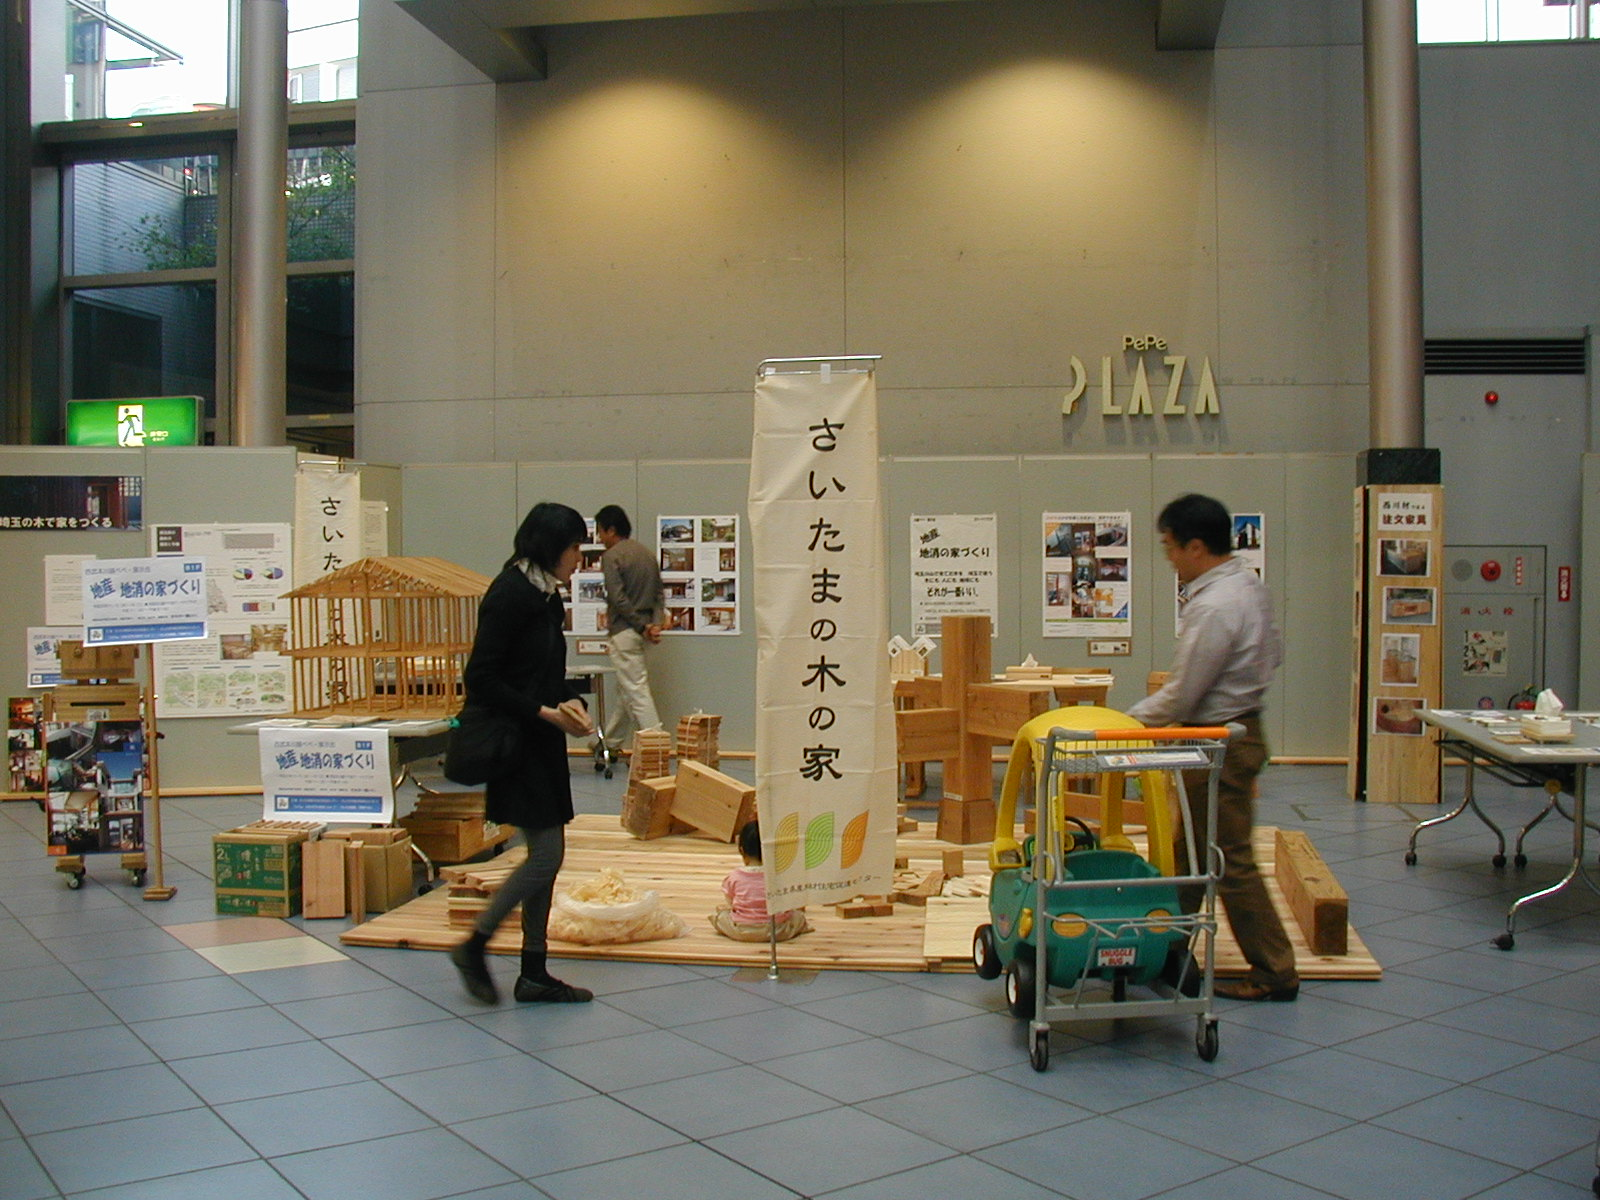 08117_kawagoe_saitama_sokushin_00_2